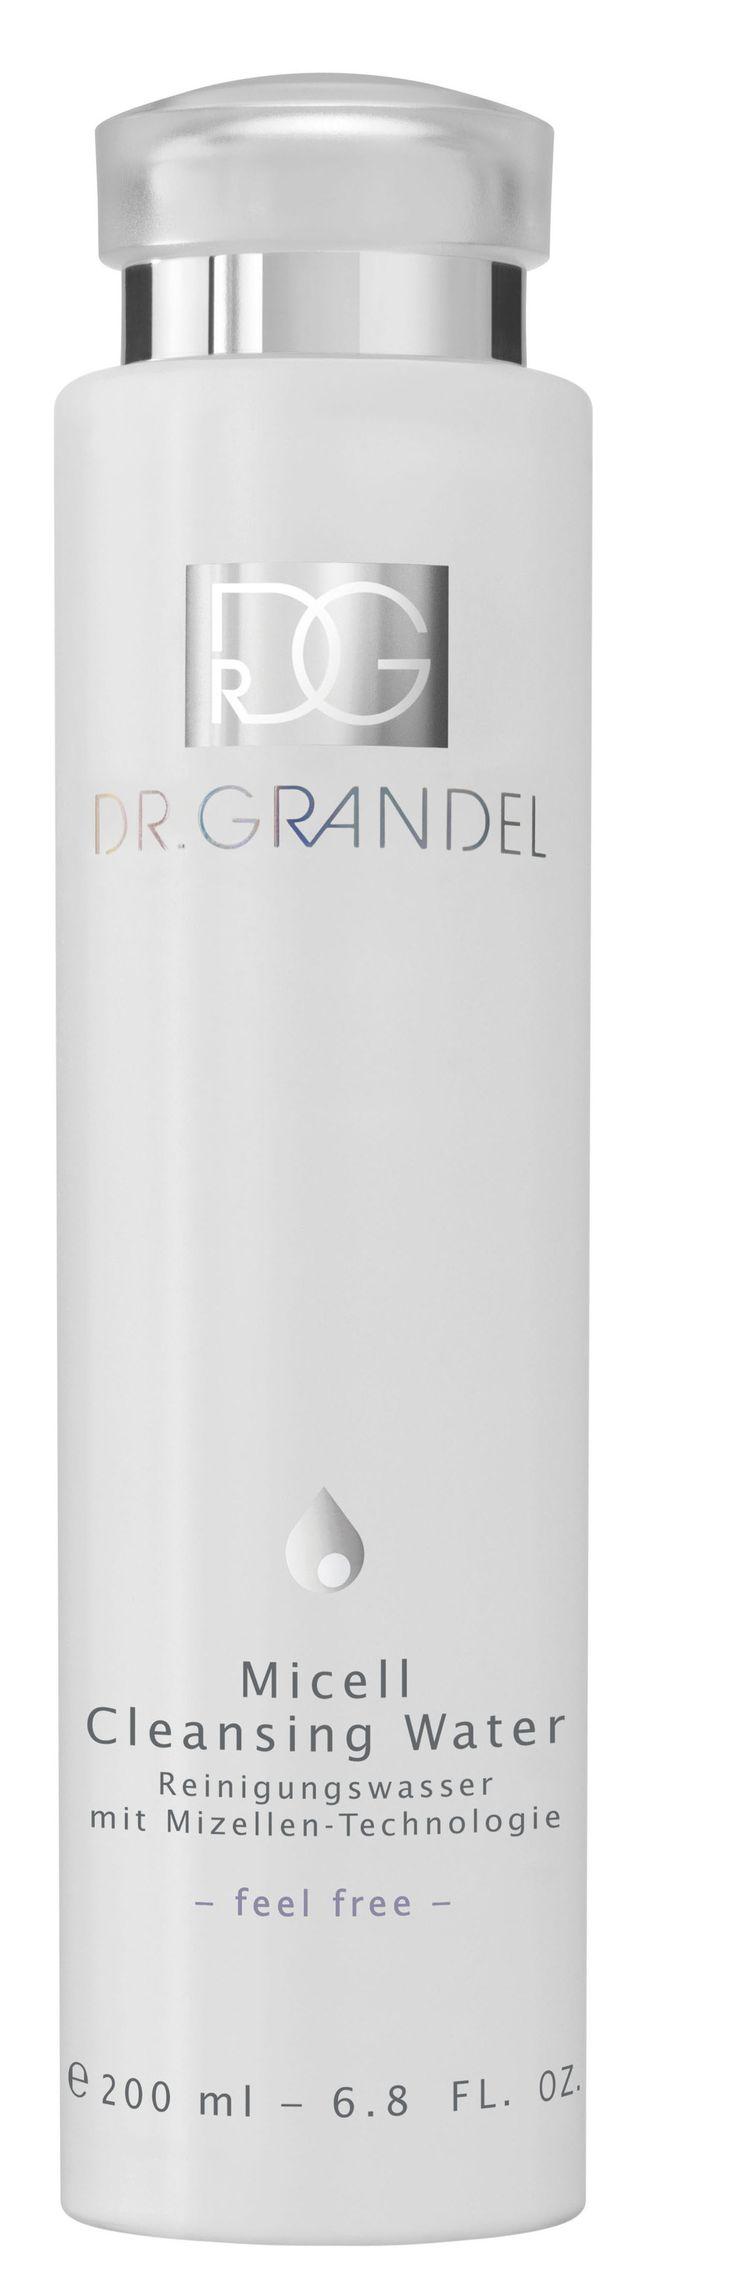 Das klare Reinigungswasser mit Mizellen-Technologie von Dr. Grandel schenkt im Handumdrehen ein porentief reines, befreites Hautgefühl. © Dr. Grandel